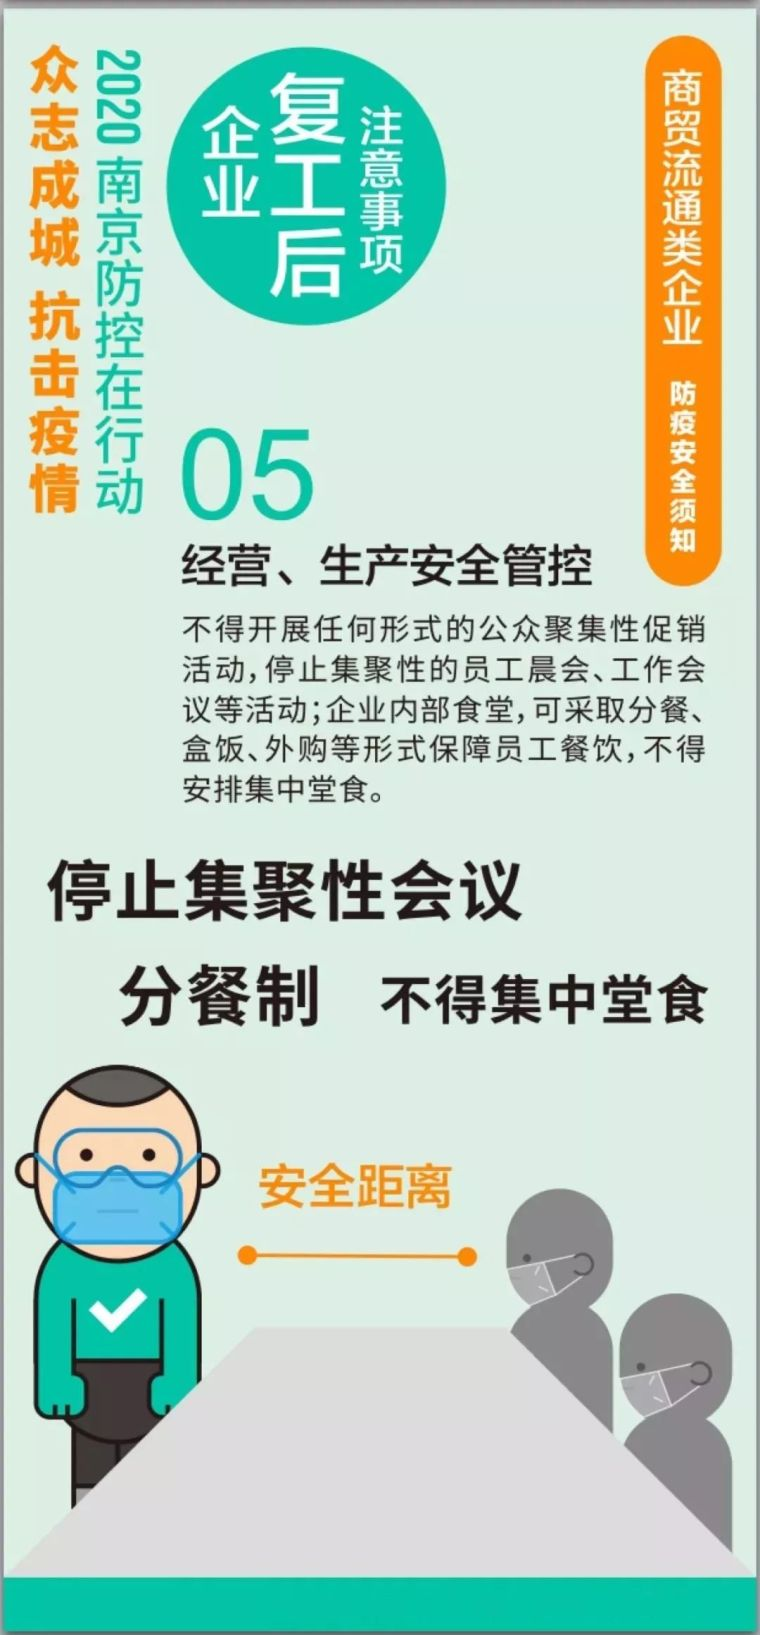 企业复工,防疫安全须知(图解)_18